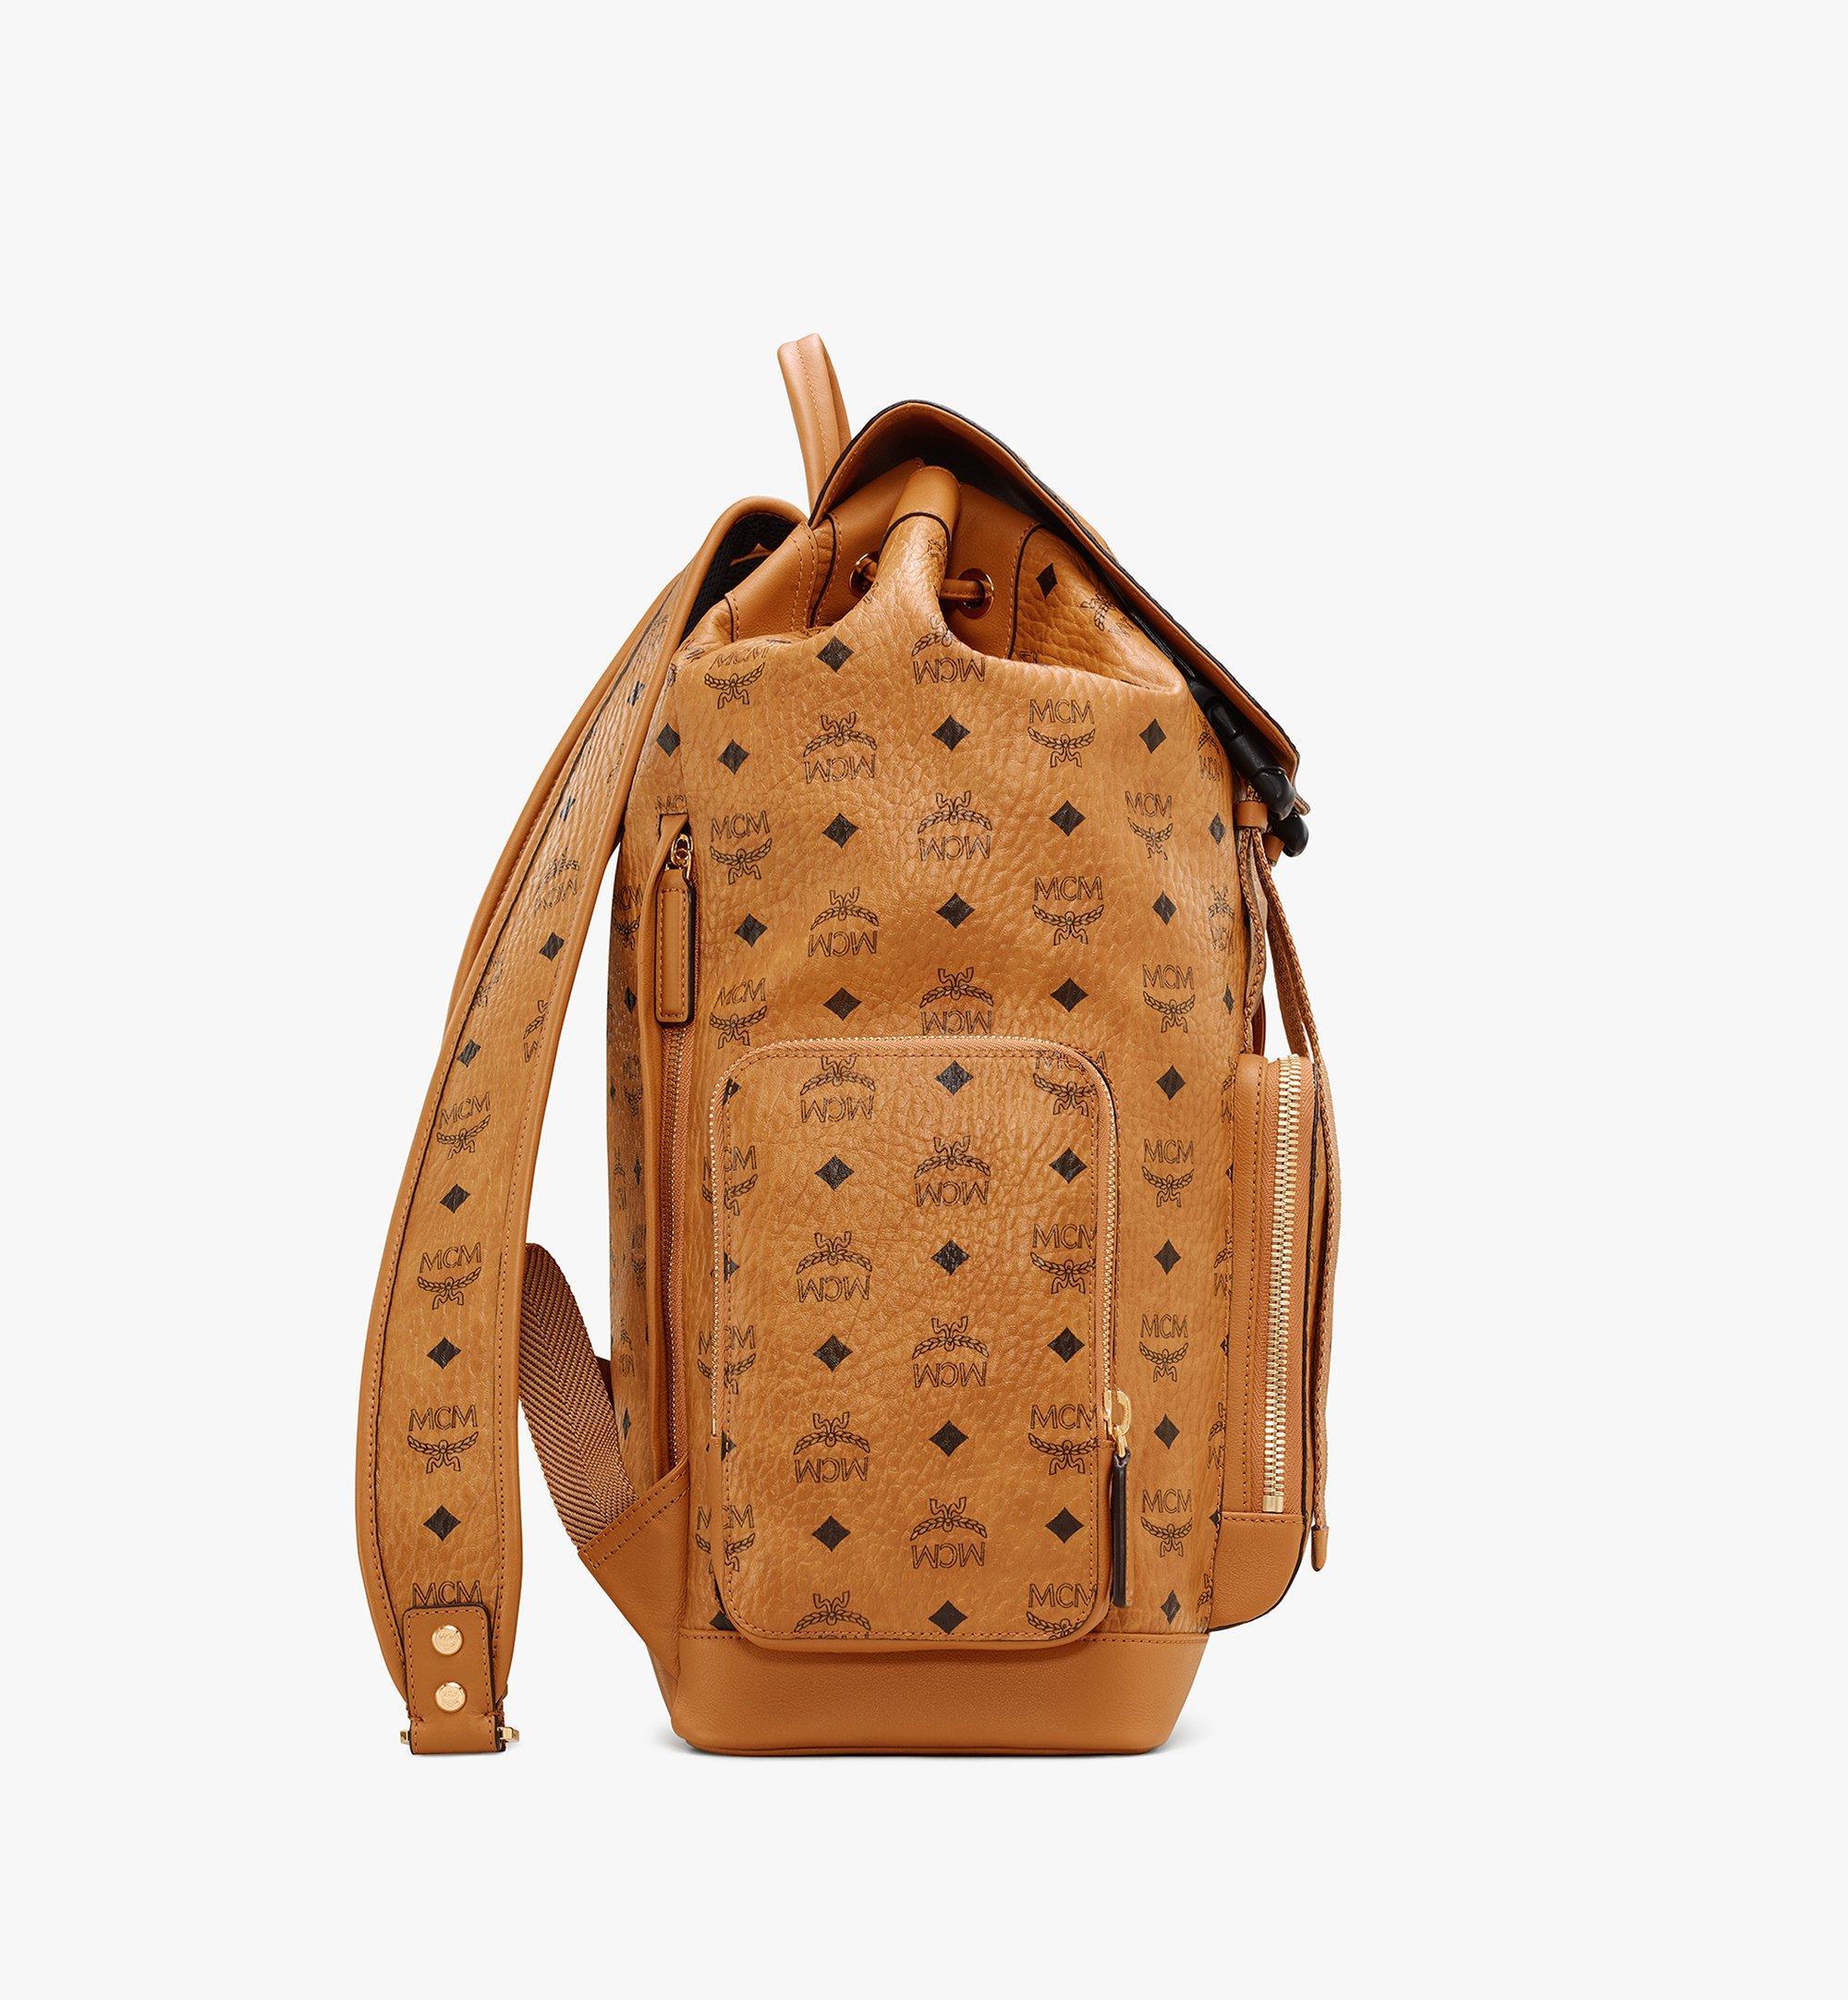 MCM Brandenburg Backpack in Visetos Cognac MMKASBG03CO001 Alternate View 2